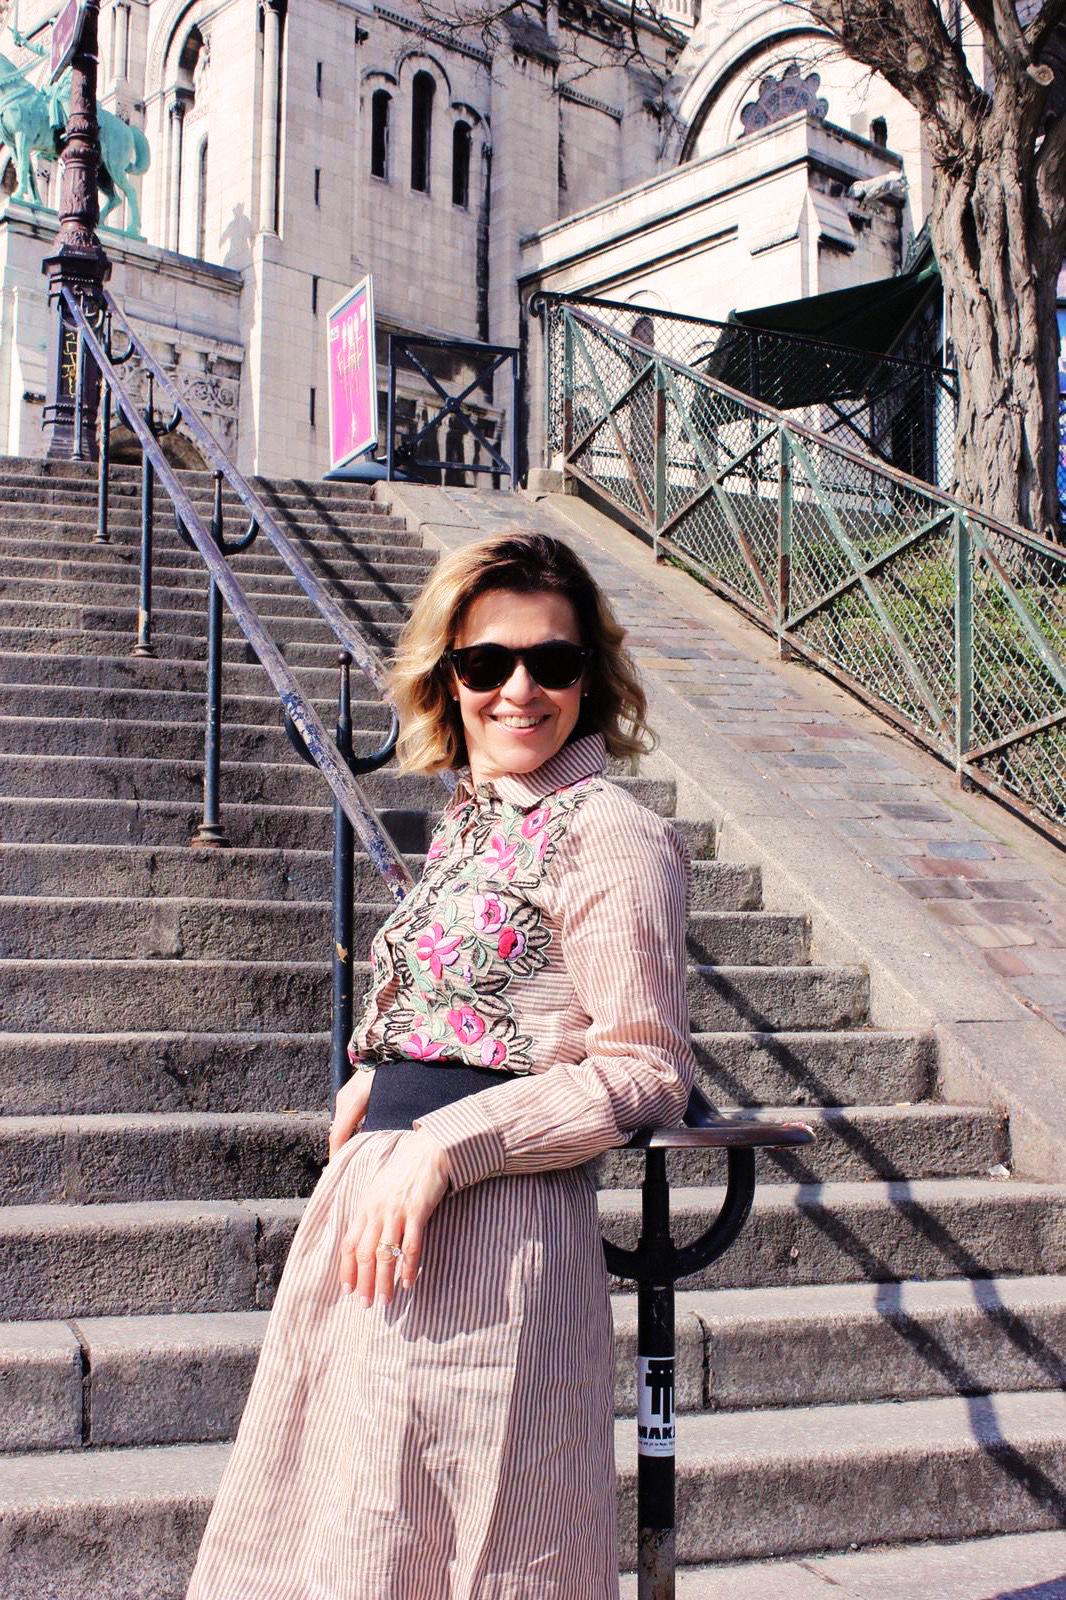 La fabbrica del lino una lunga storia d 39 amore f lover fashion blog - La fabbrica del lino letto ...